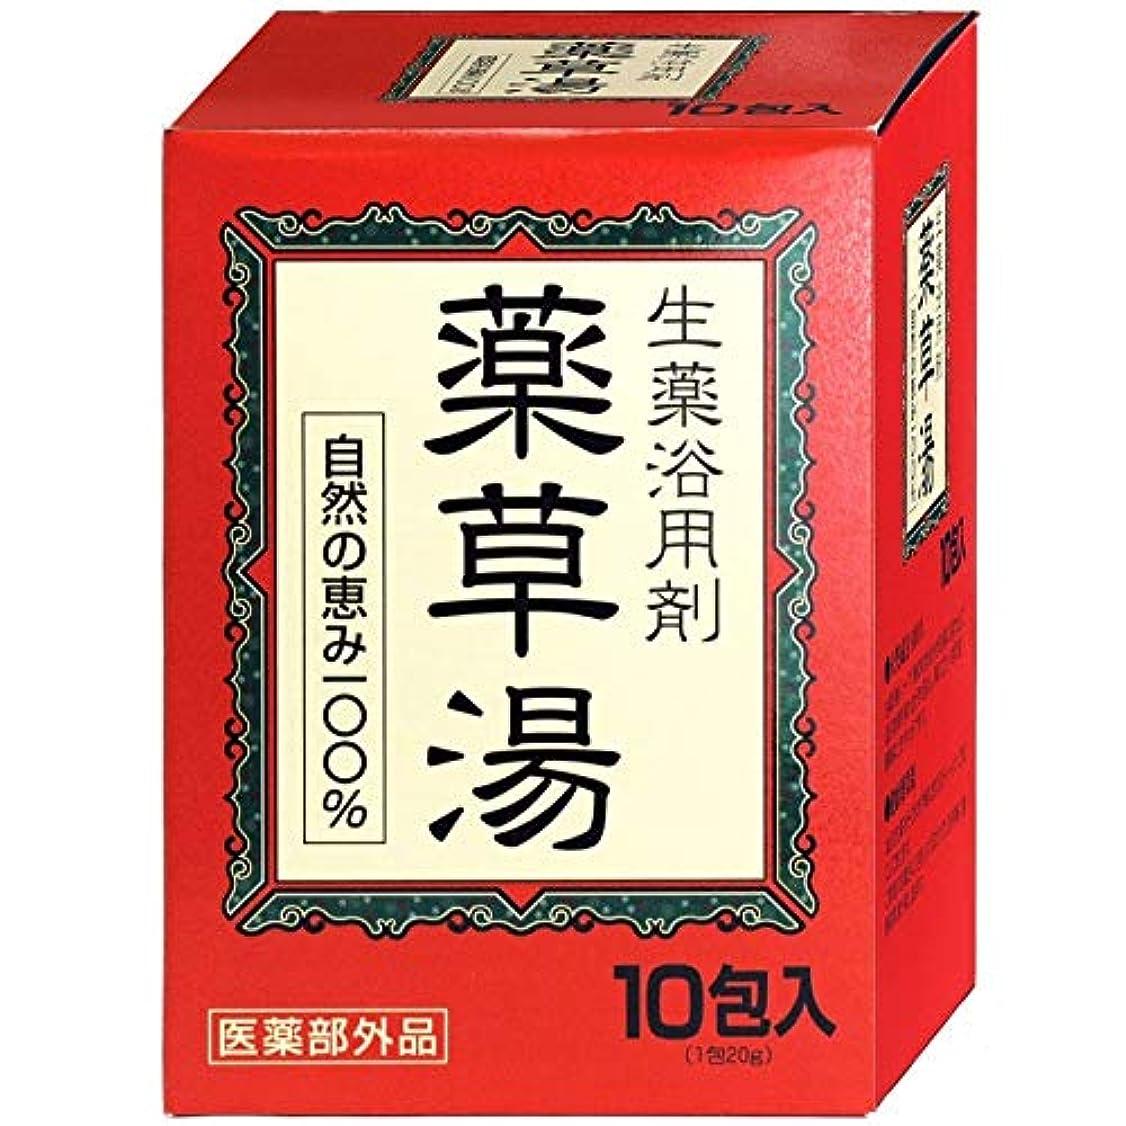 交流する自然公園平手打ちVVN生薬入浴剤薬草湯10包×(10セット)